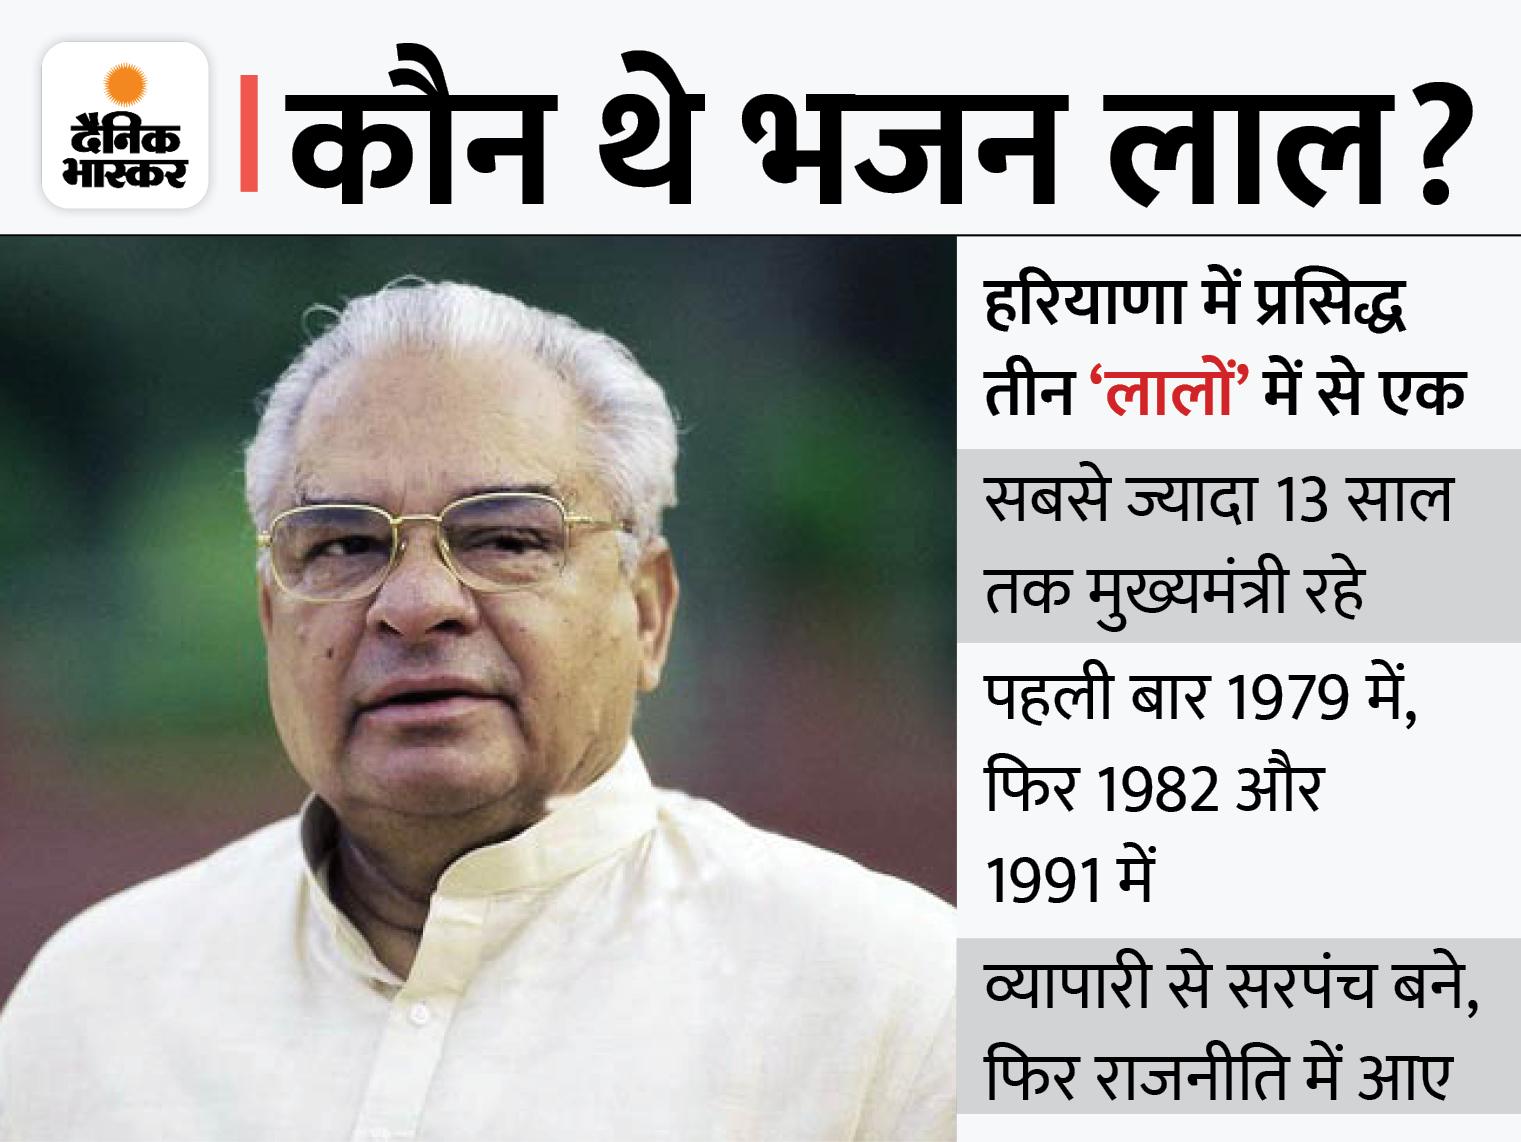 आदमपुर में राहुल गांधी ने किया वर्चुअल अनावरण; 3 बार हरियाणा के मुख्यमंत्री बने, व्यापार छोड़कर राजनीति में आए थे|हिसार,Hisar - Dainik Bhaskar